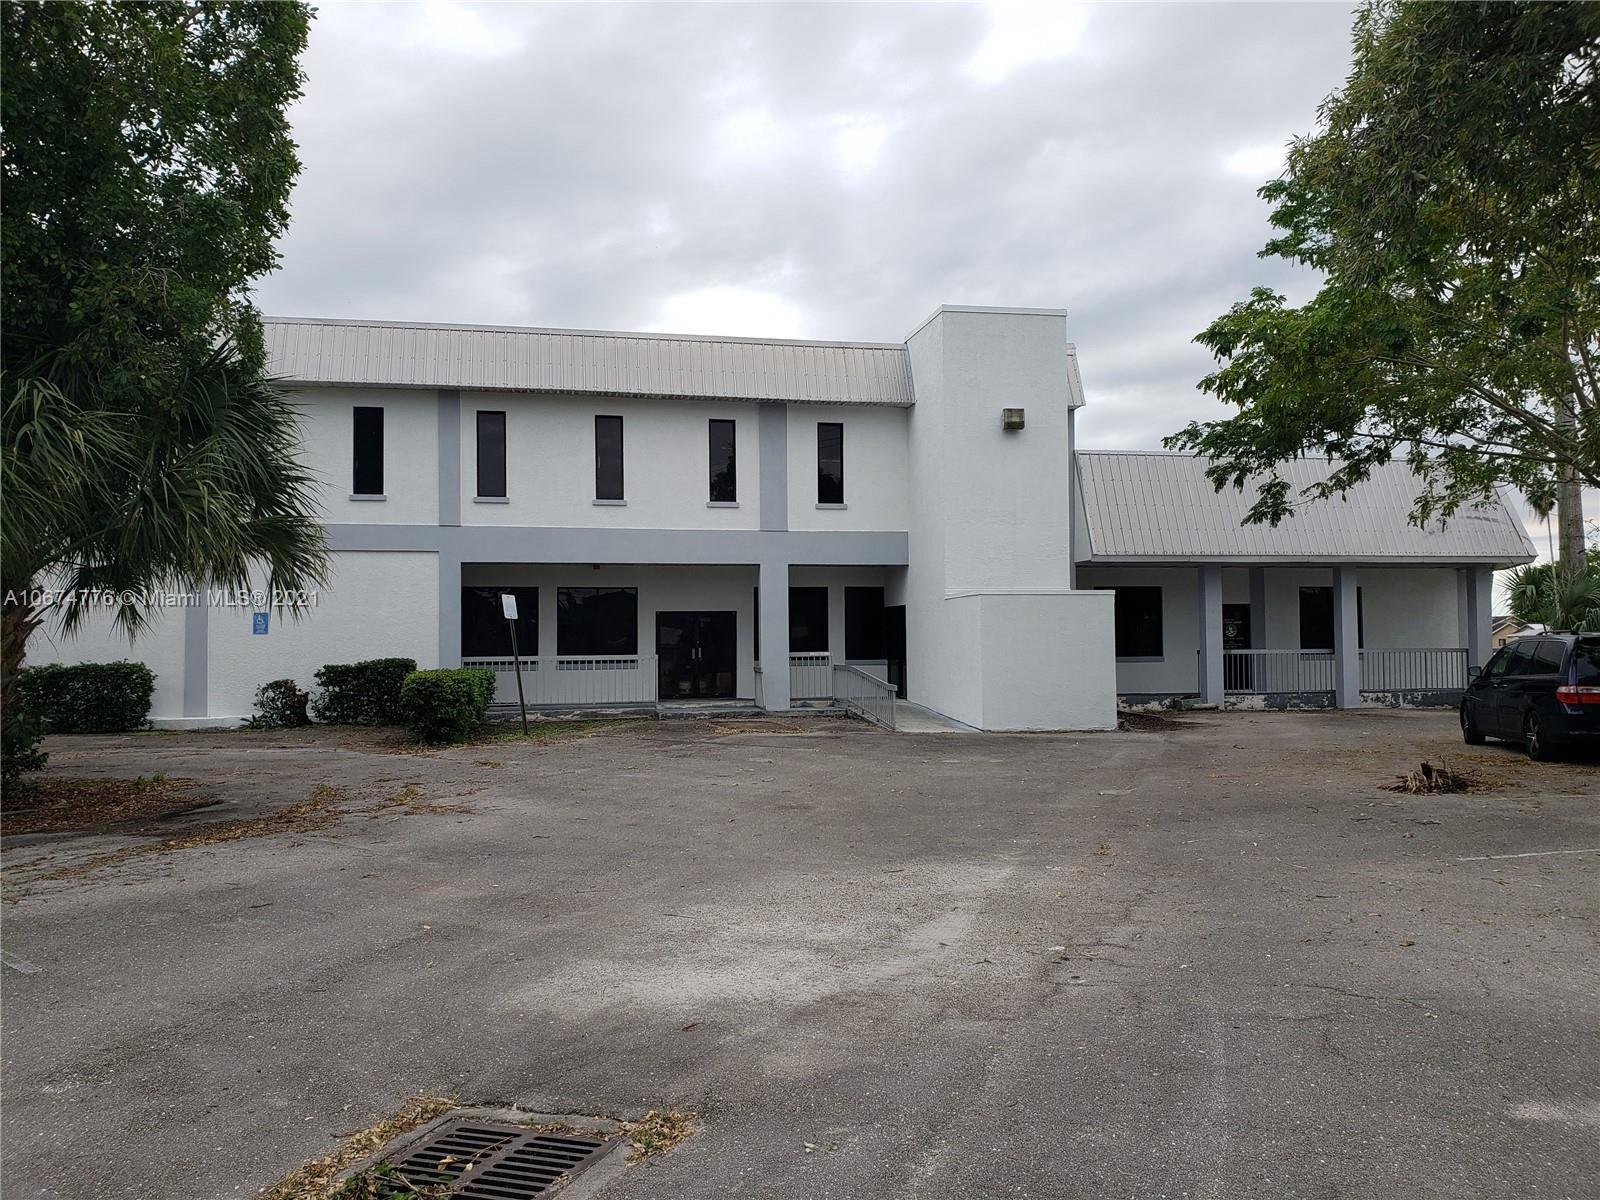 408 E Dr Martin Luther King Jr Blvd E, Belle Glade, FL 33430